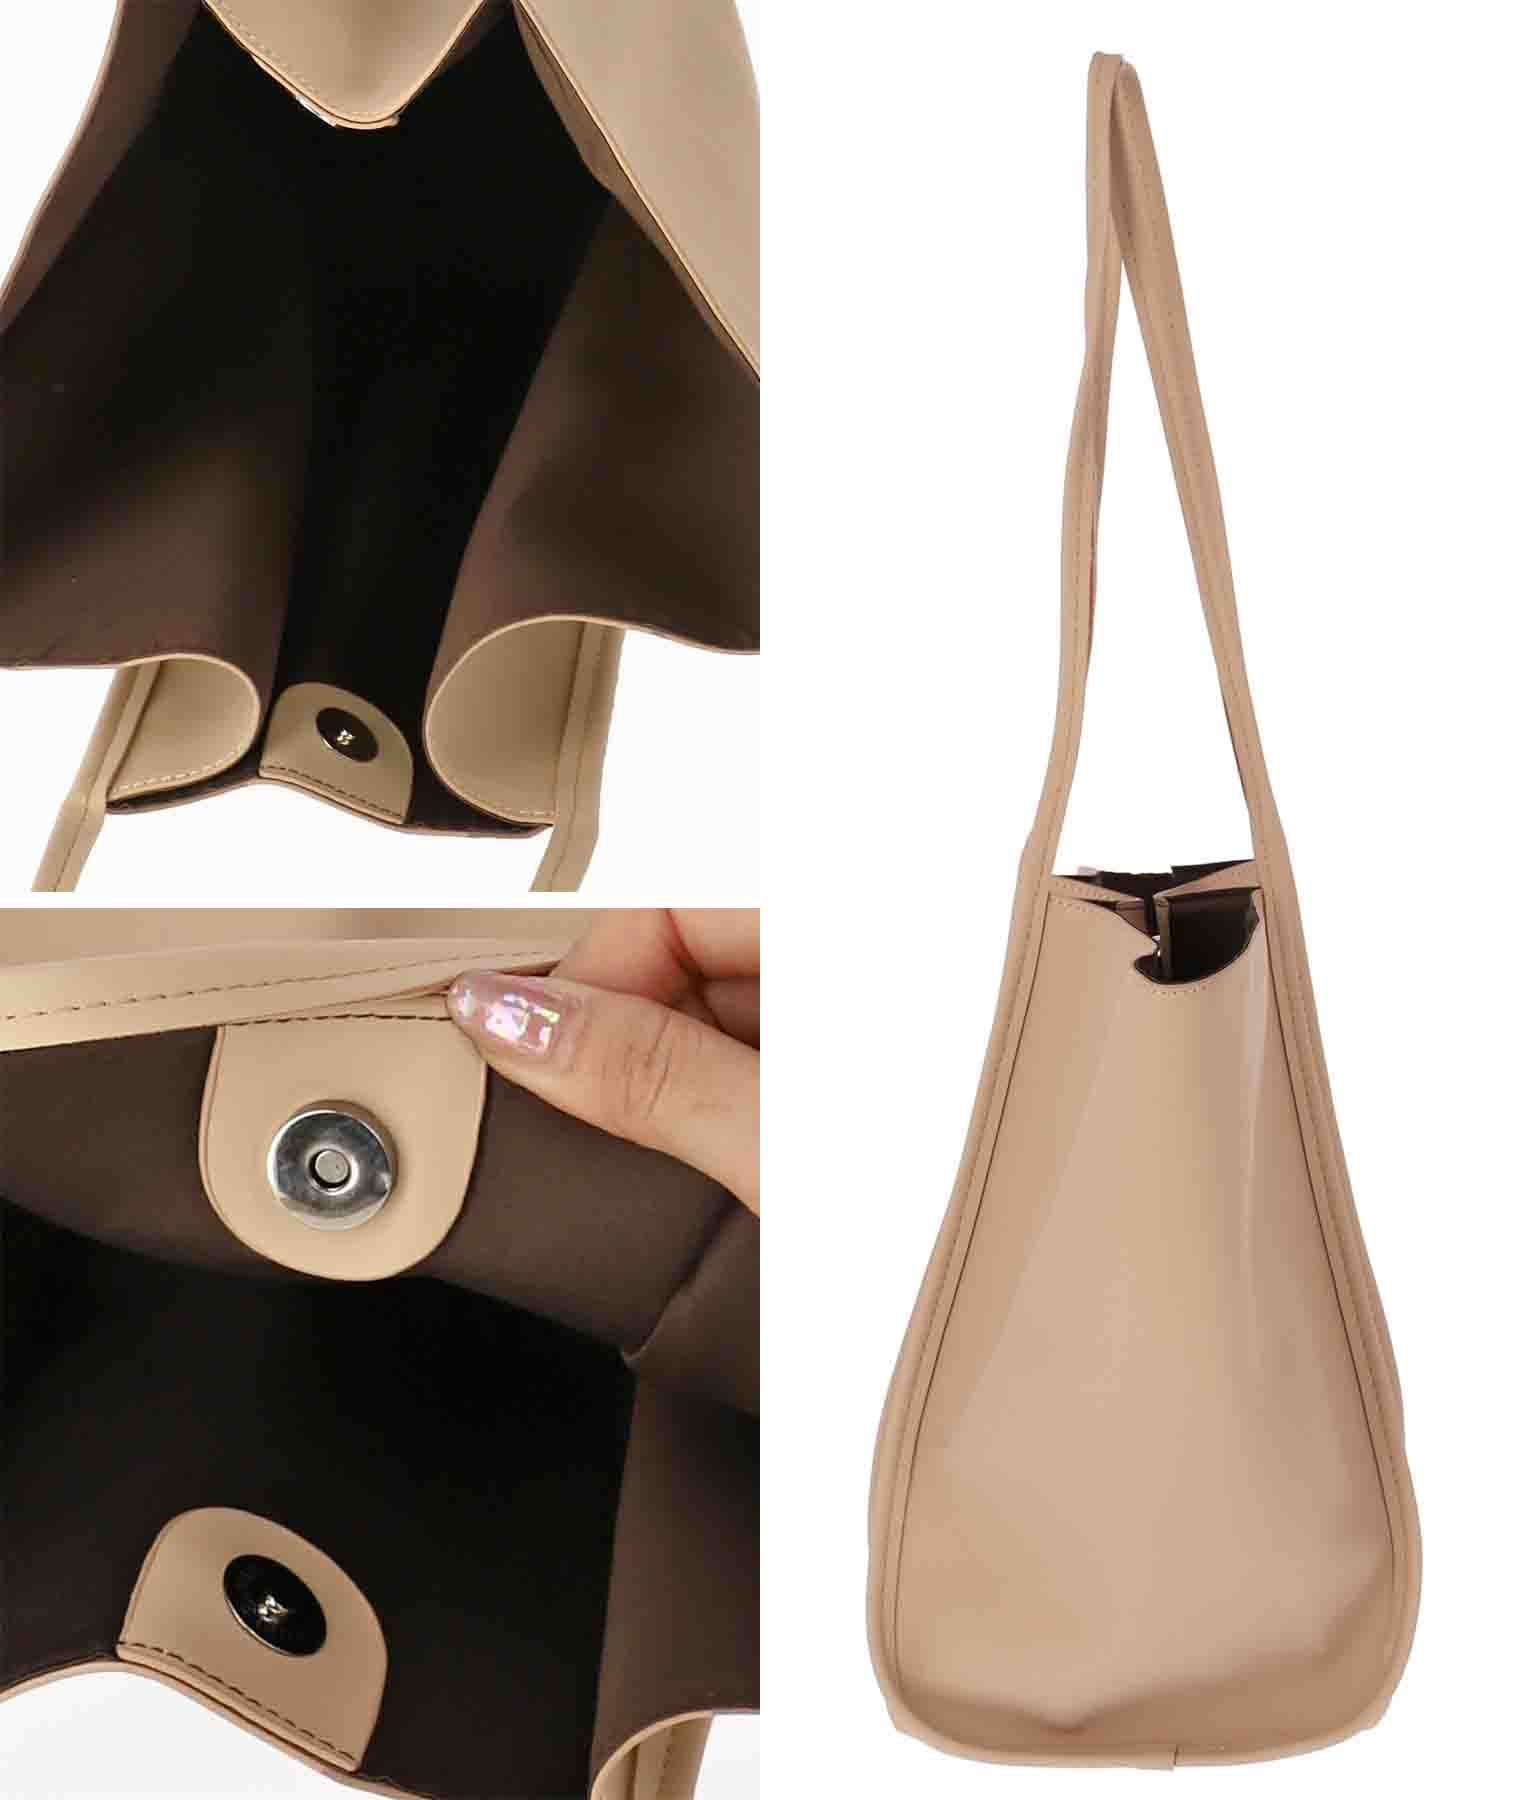 ポーチ付きデザイントートバッグ(バッグ・鞄・小物/トートバッグ) | Settimissimo